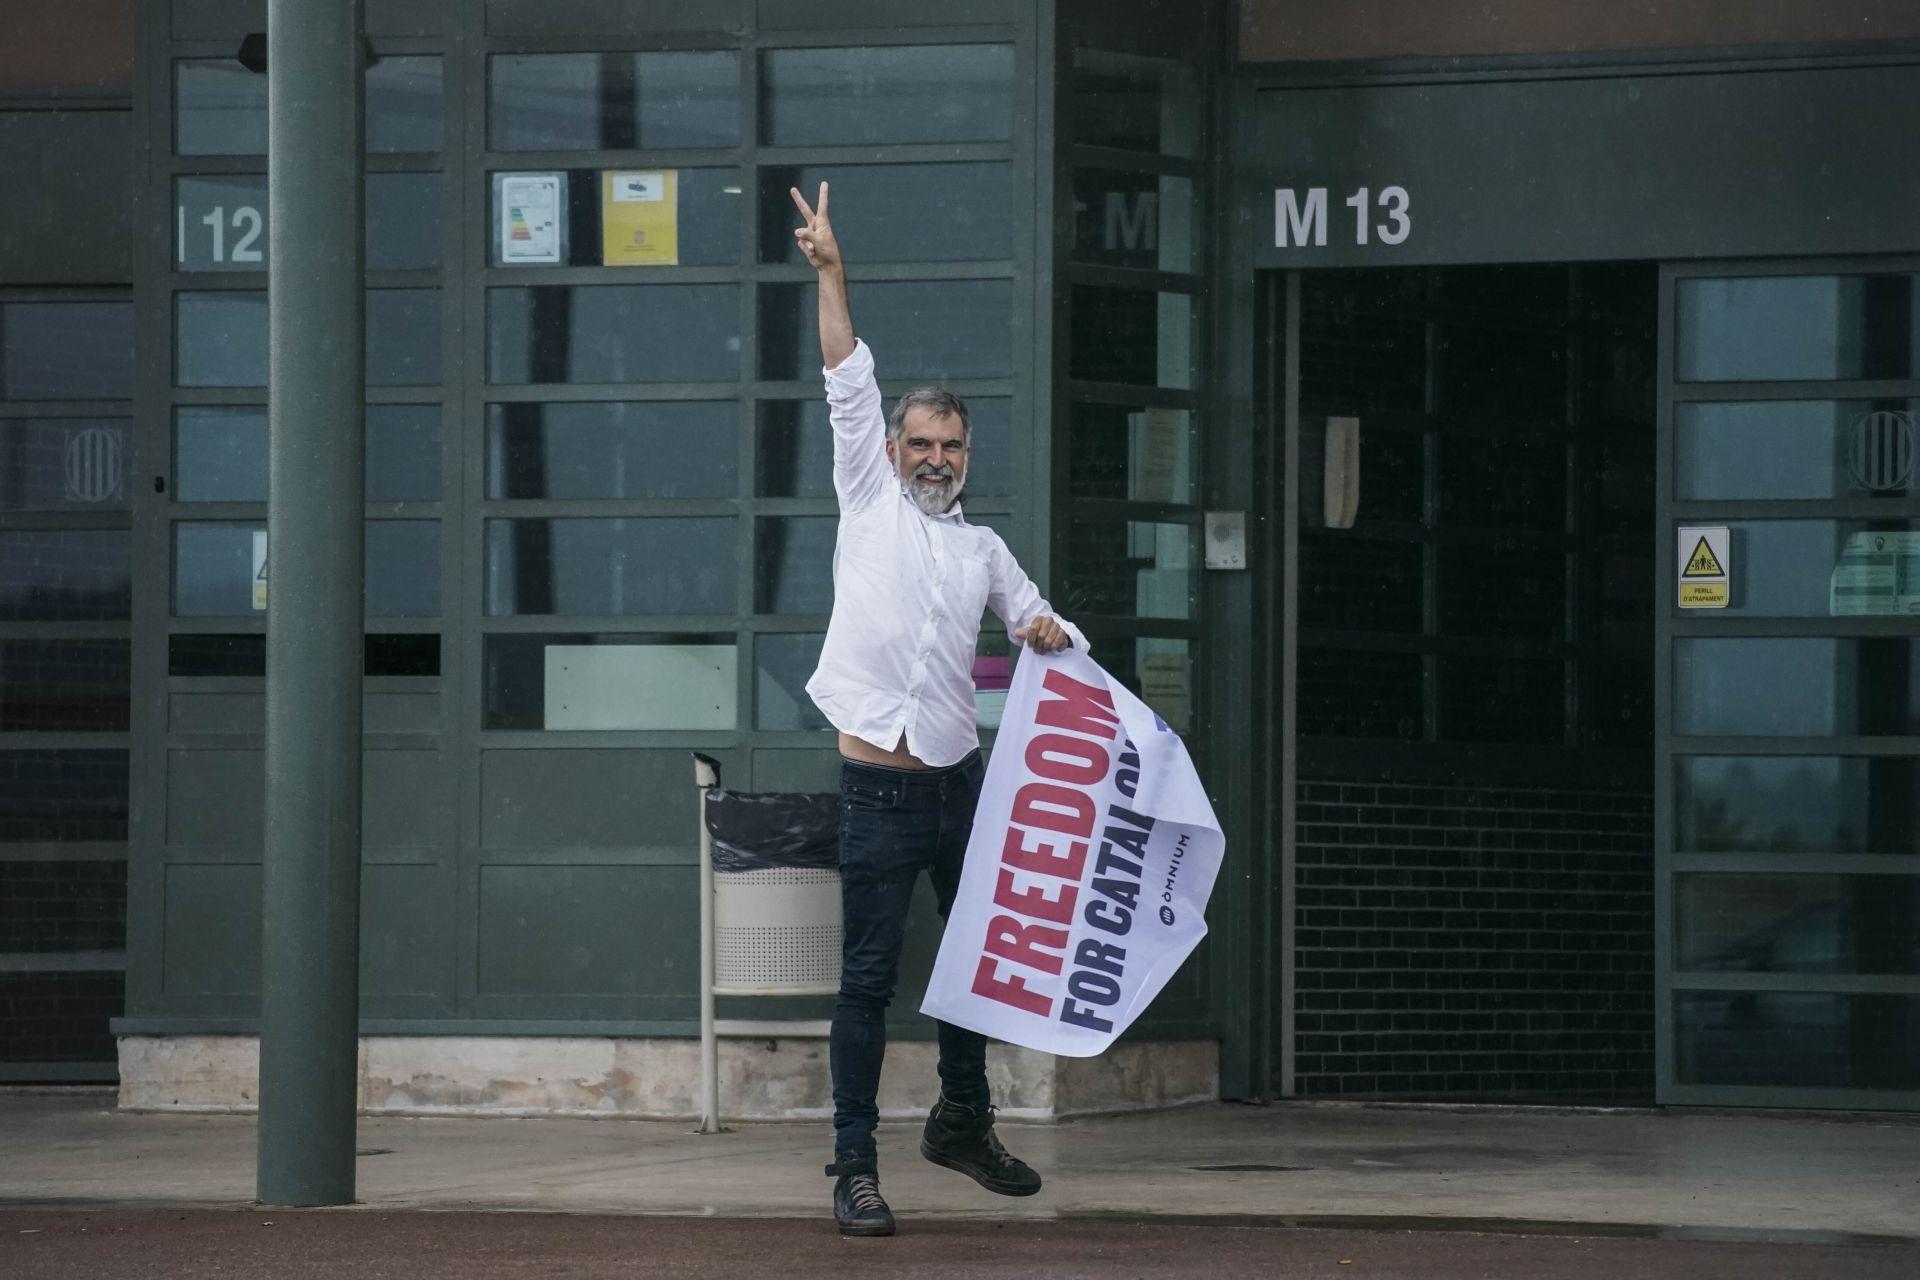 Жорди Куиксарт прави знака за победа, след като напусна затвора на Леледон в Сант Жоан де Виларарада, близо до Барселона